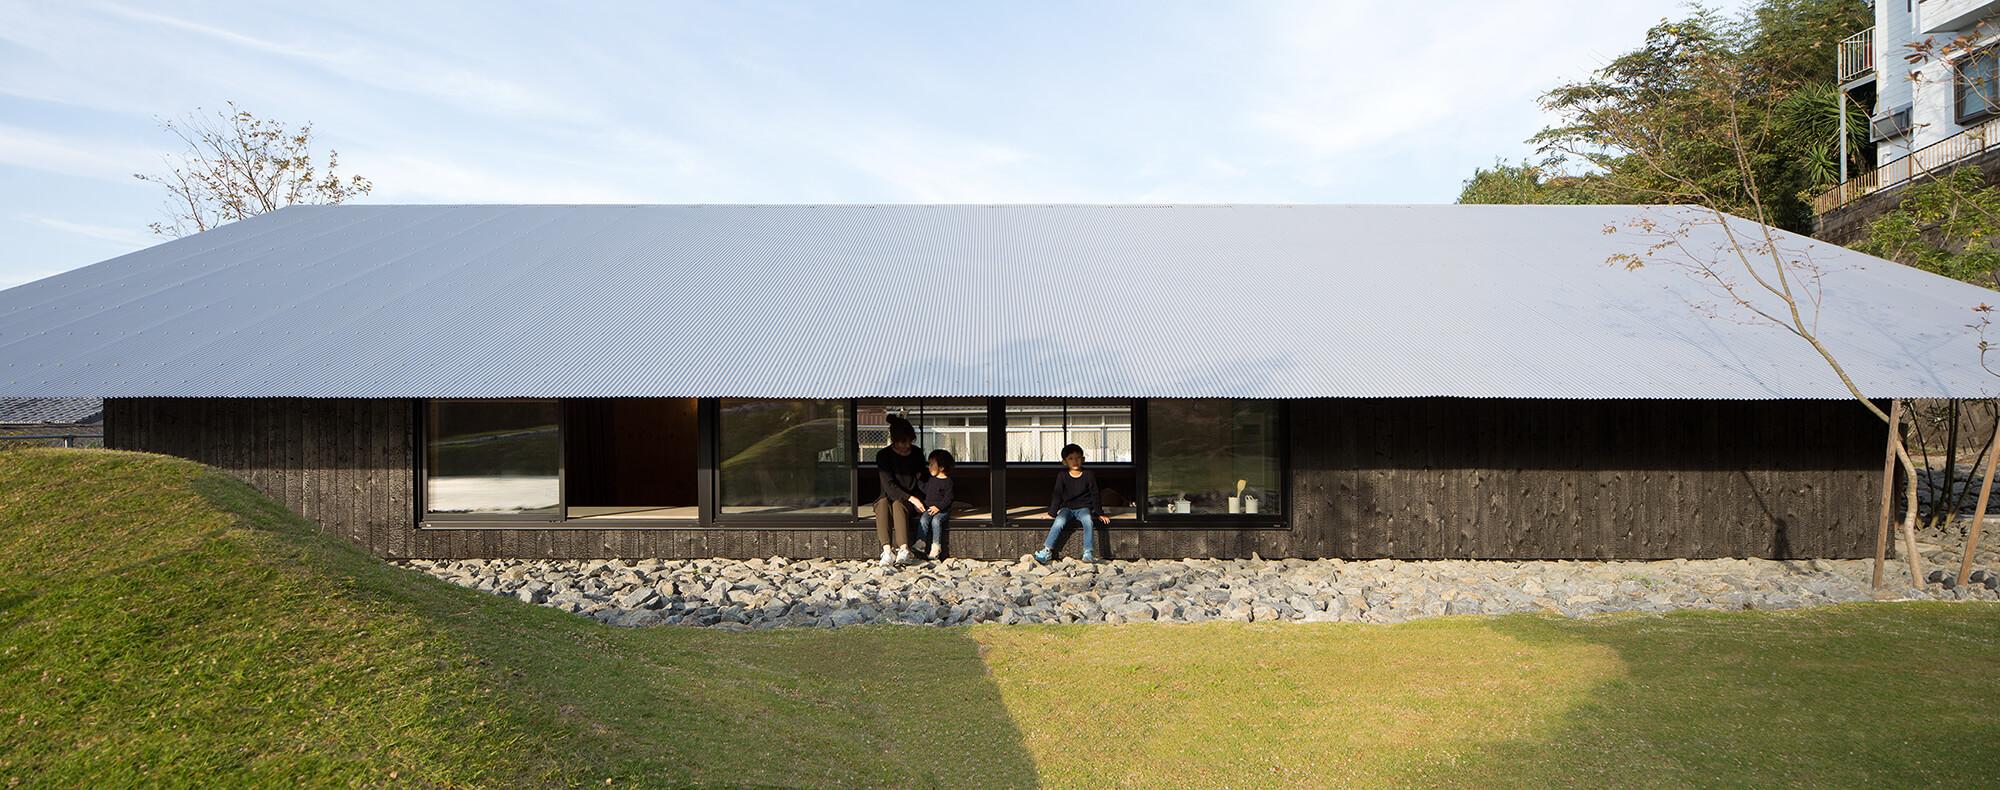 『大屋根の棲家』-長崎県佐世保市-建築写真・竣工写真・インテリア写真4